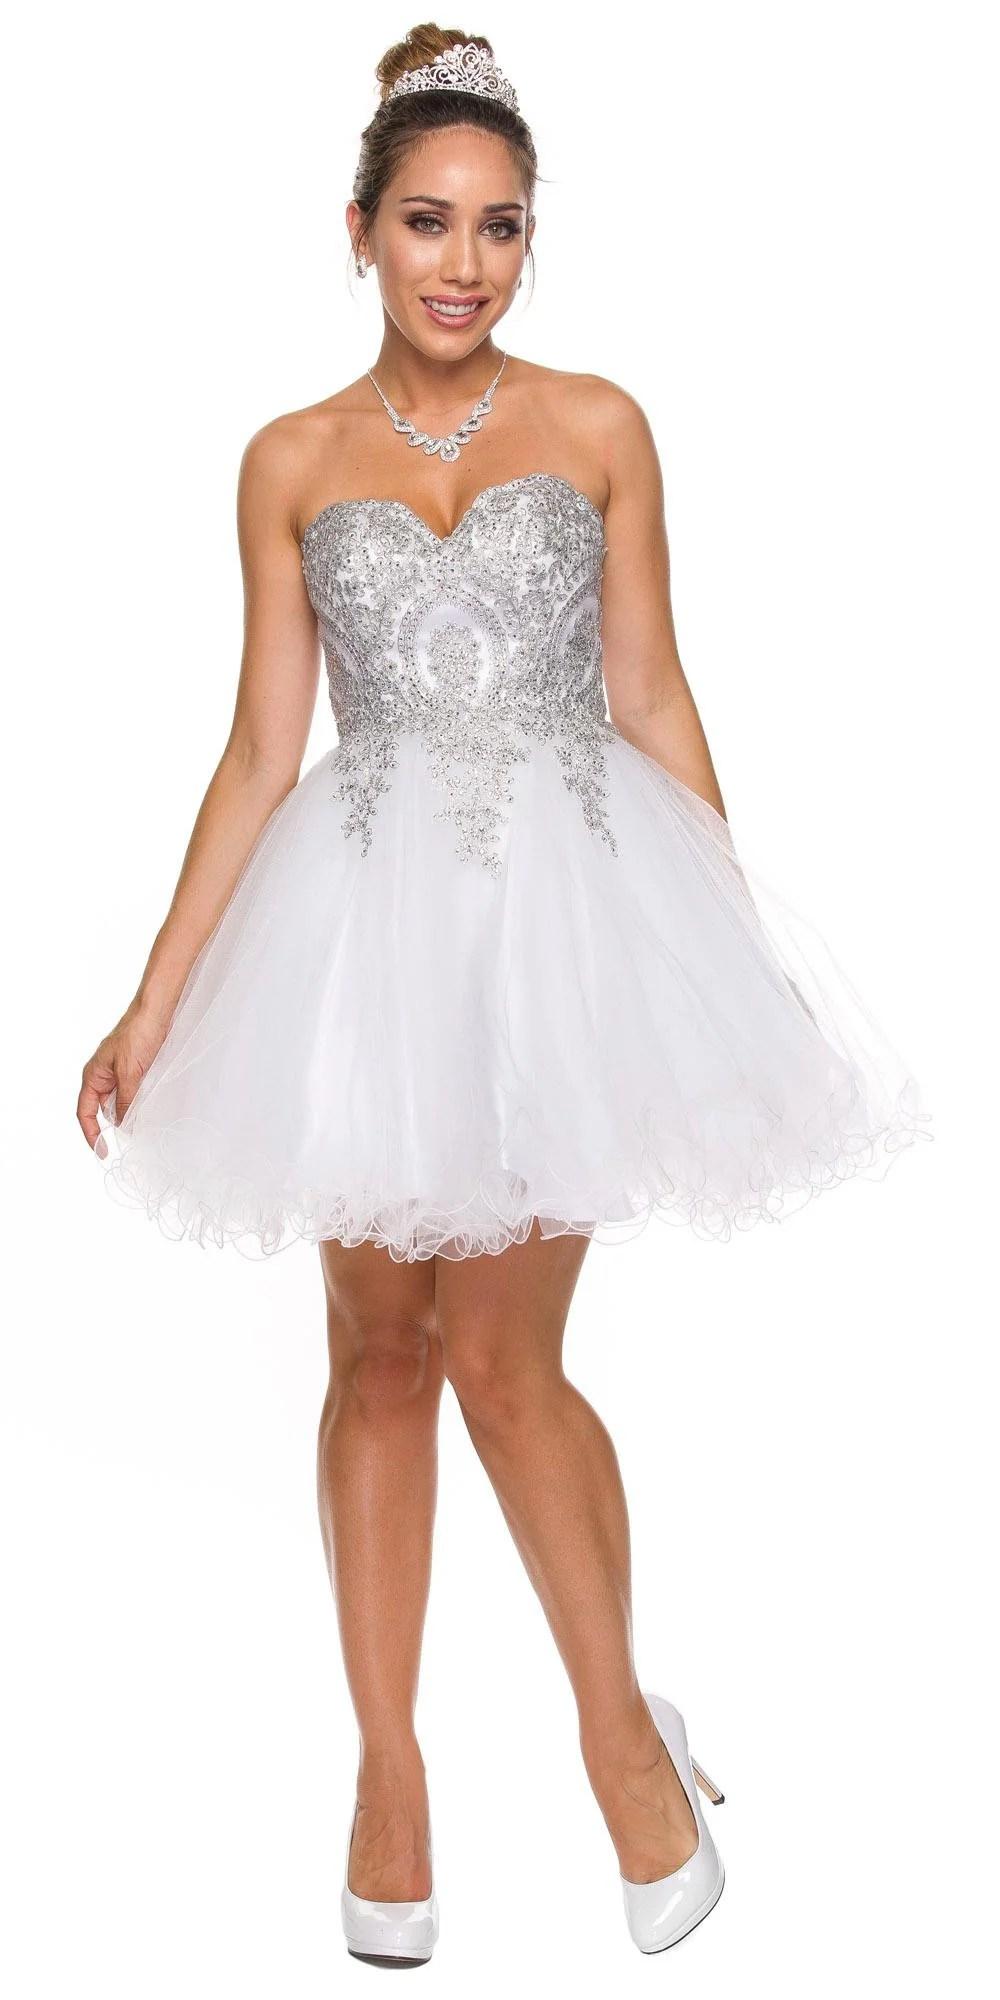 Juliet 762 Black Silver Sweetheart Neckline Poofy Short Prom Dress  DiscountDressShop